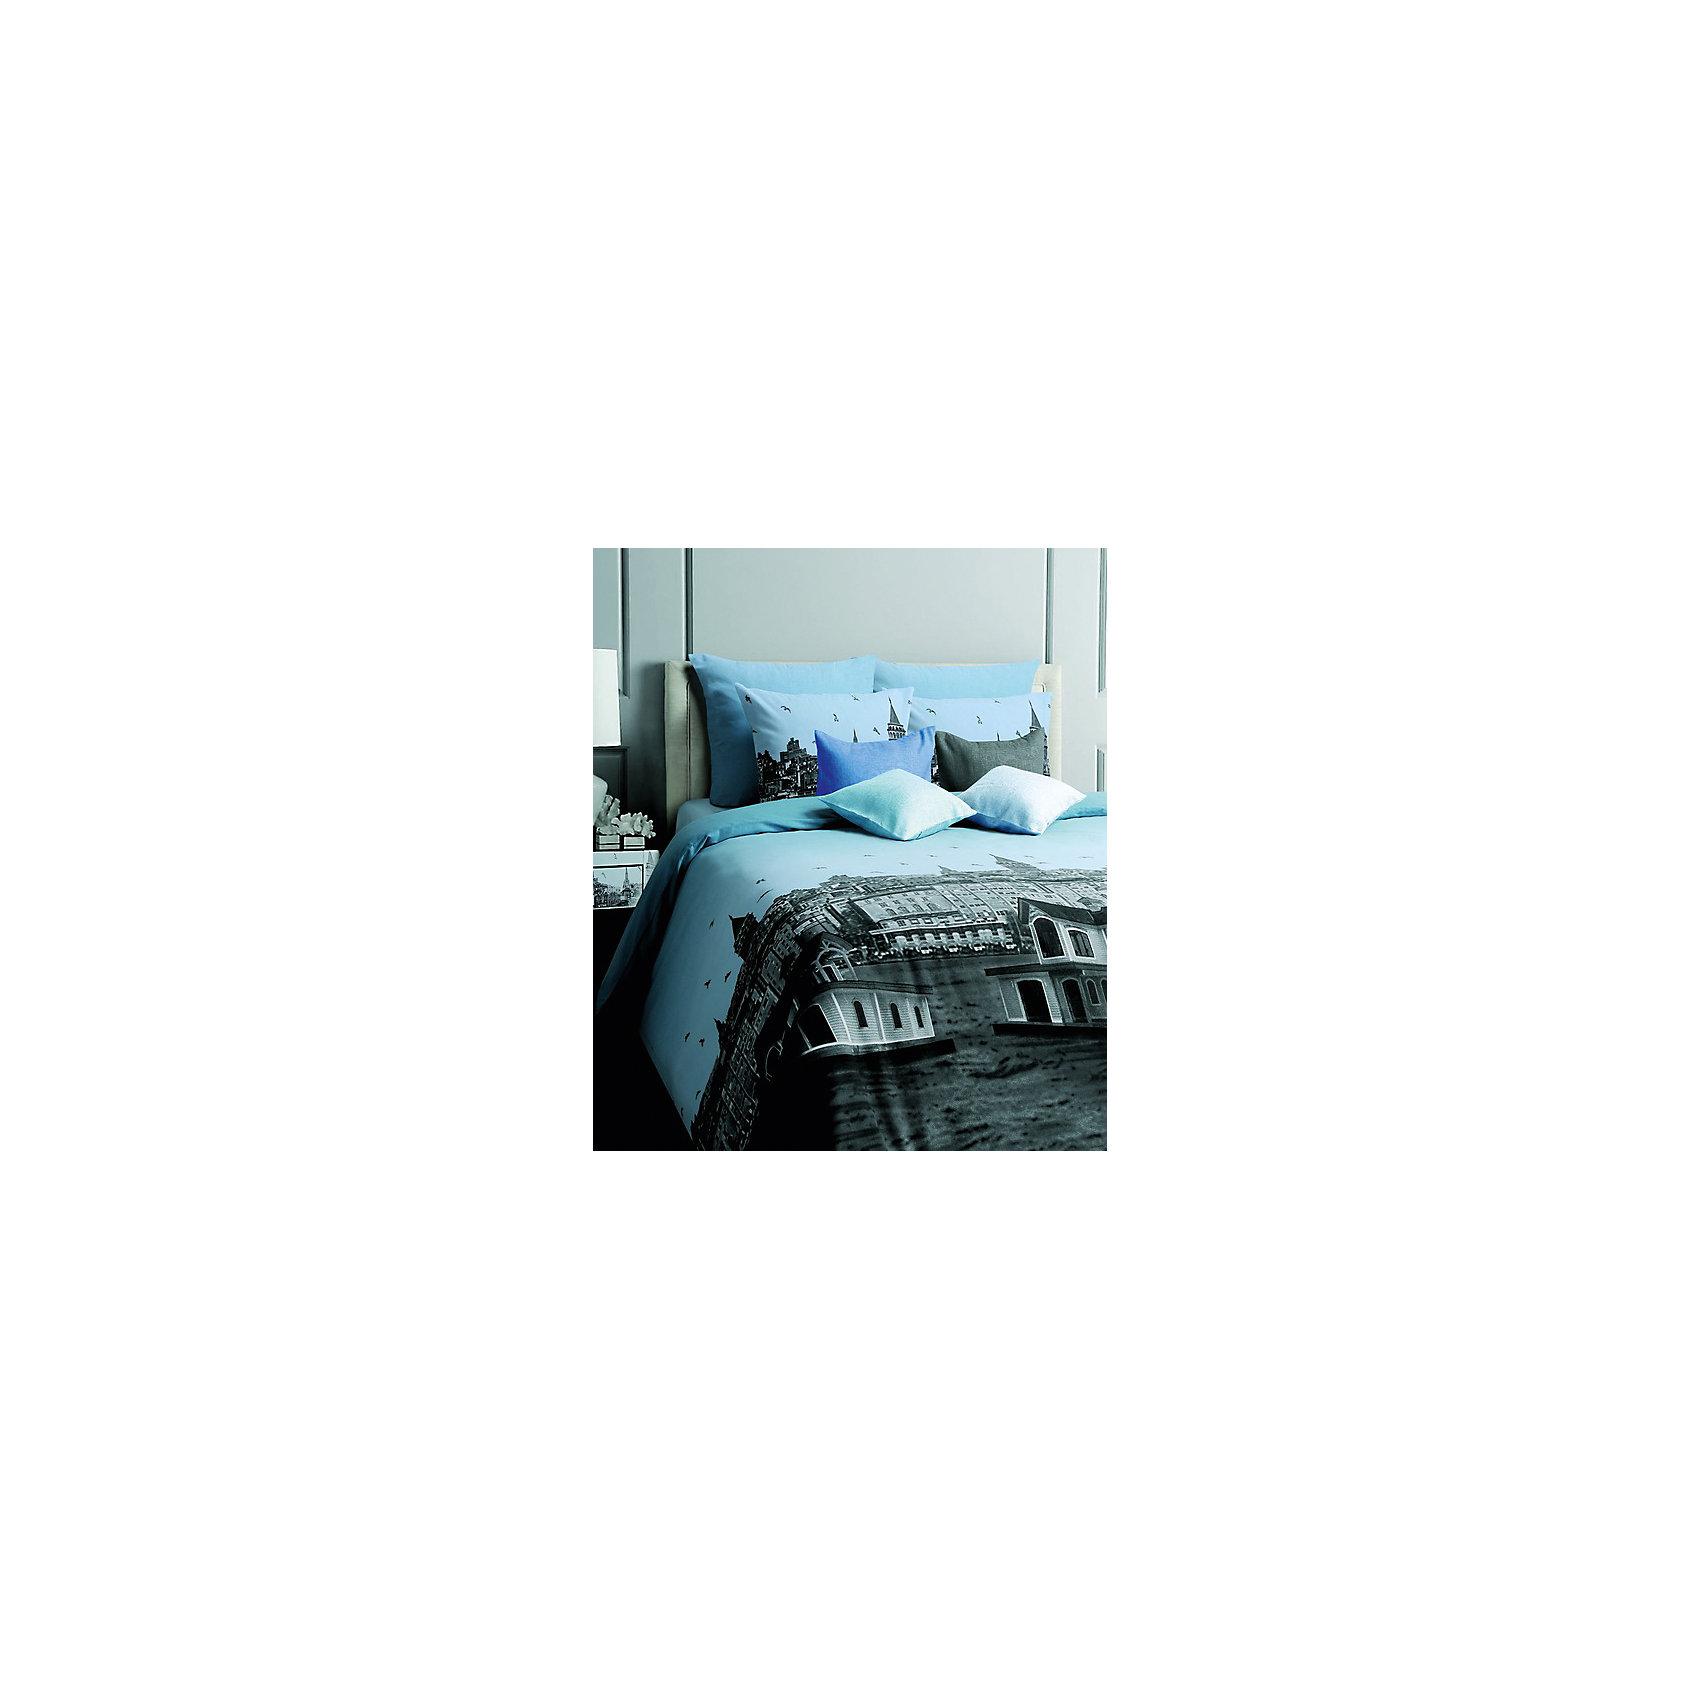 Постельное белье Istanbul, 1,5-спальный, 50*70, Mona LizaКомплект постельного белья Istanbul торговой  марки Mona Liza порадует любителей путешествий. Комплект изготовлен из  высококачественной бязи с рисунком в виде экзотического городского пейзажа. Изделие прочное и износостойкое, легко гладится и стирается, выдерживая большое количество стирок,  можно стирать в стиральной машине в деликатном режиме. Комплект белья состоит из пододеяльника, простыни и двух наволочек размера 50*70 см, он отлично подойдет для небольшой кровати. <br><br>Дополнительная информация: <br><br>- производитель: Mona Liza<br>- материал: бязь<br>- состав: 100% хлопок<br>- размер комплекта: полутораспальный<br>- размер пододеяльника: 145*210 см<br>- тип застежки: пуговицы<br>- размер простыни: 150*215 (обычная)<br>- размер наволочек: 50*70 (2 шт)<br>- упаковка комплекта: книжка пвх<br>- страна бренда: Россия<br>- страна производитель: Россия<br><br>Комплект постельного белья  Istanbul торговой марки  Мона Лиза можно купить в нашем интернет-магазине.<br><br>Ширина мм: 290<br>Глубина мм: 70<br>Высота мм: 370<br>Вес г: 1250<br>Возраст от месяцев: 84<br>Возраст до месяцев: 1188<br>Пол: Унисекс<br>Возраст: Детский<br>SKU: 4902093